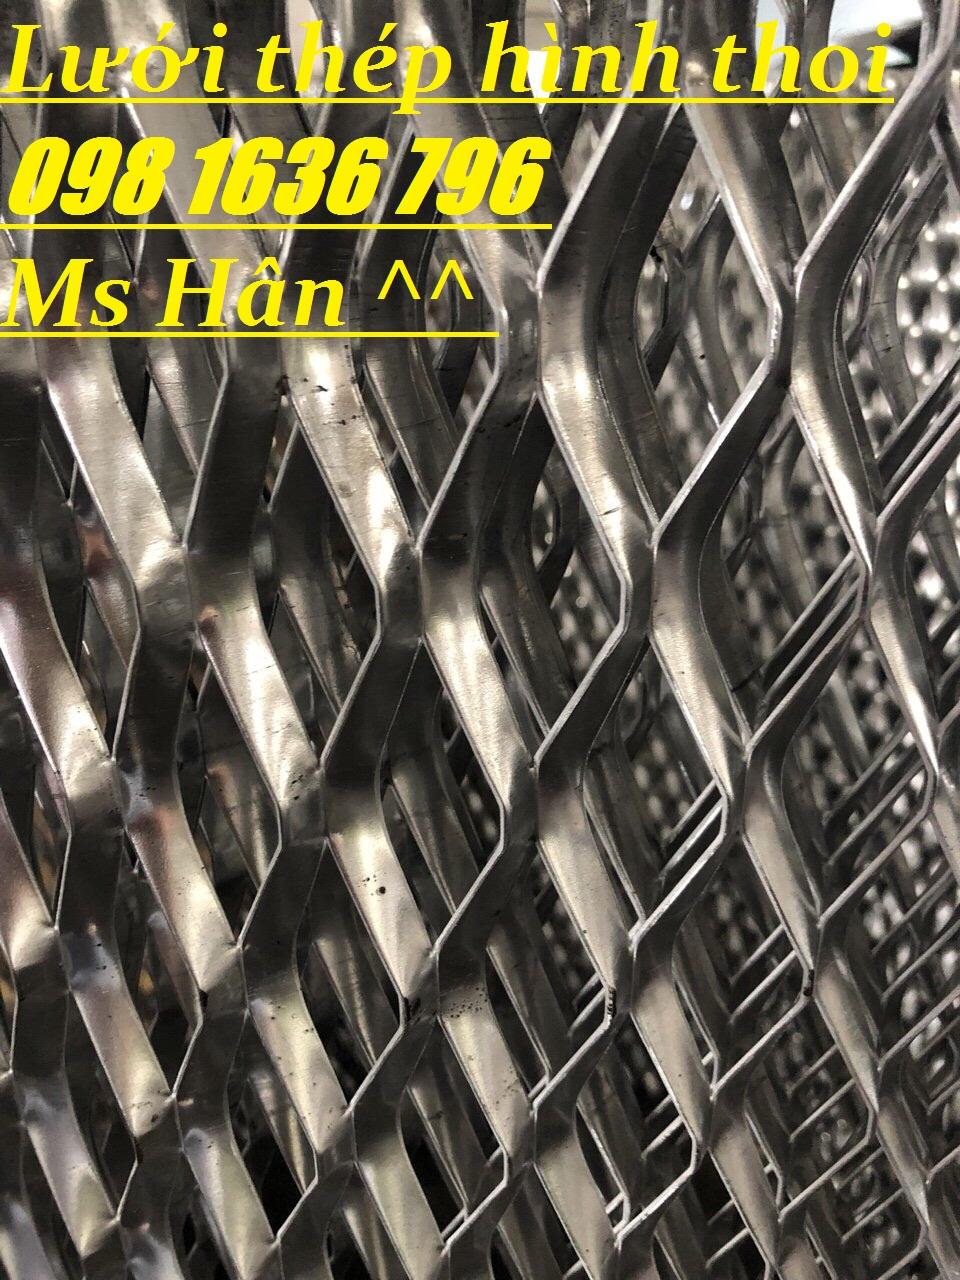 Hợp tác tìm đại lý lưới thép hàn, lưới thép hình thoi, lưới hàng rào